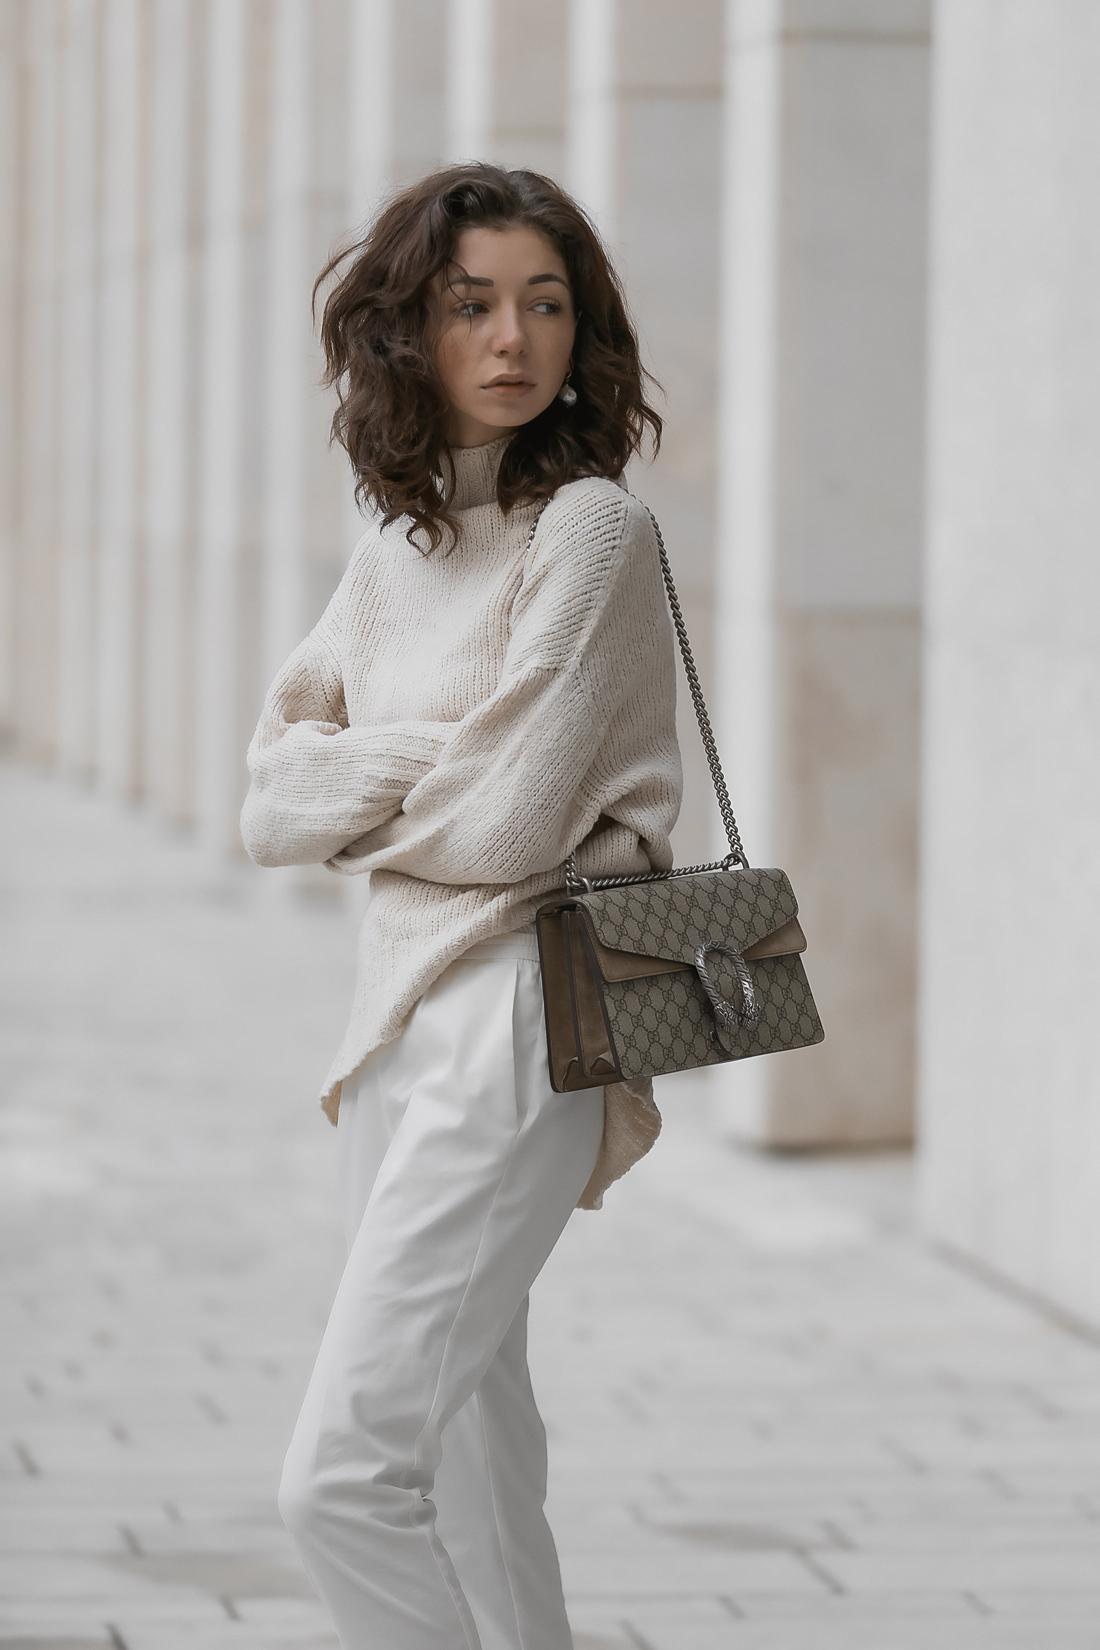 jasmin-kessler-white-winter-outfit-designer-handbag-blogger-2019-a10